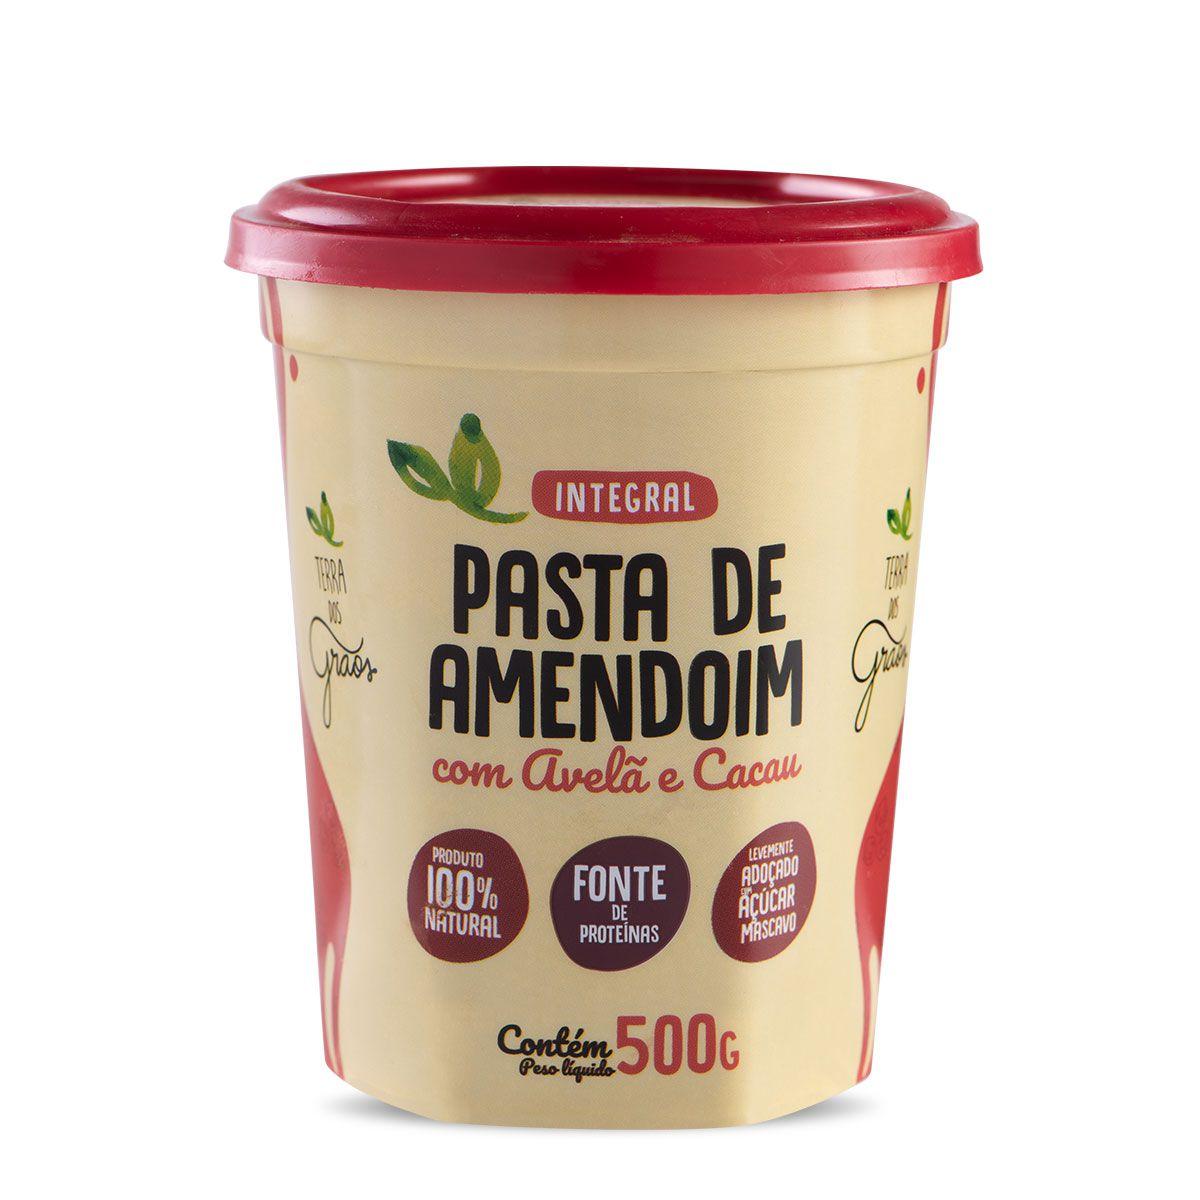 Pasta de Amendoim com Avelã e Cacau